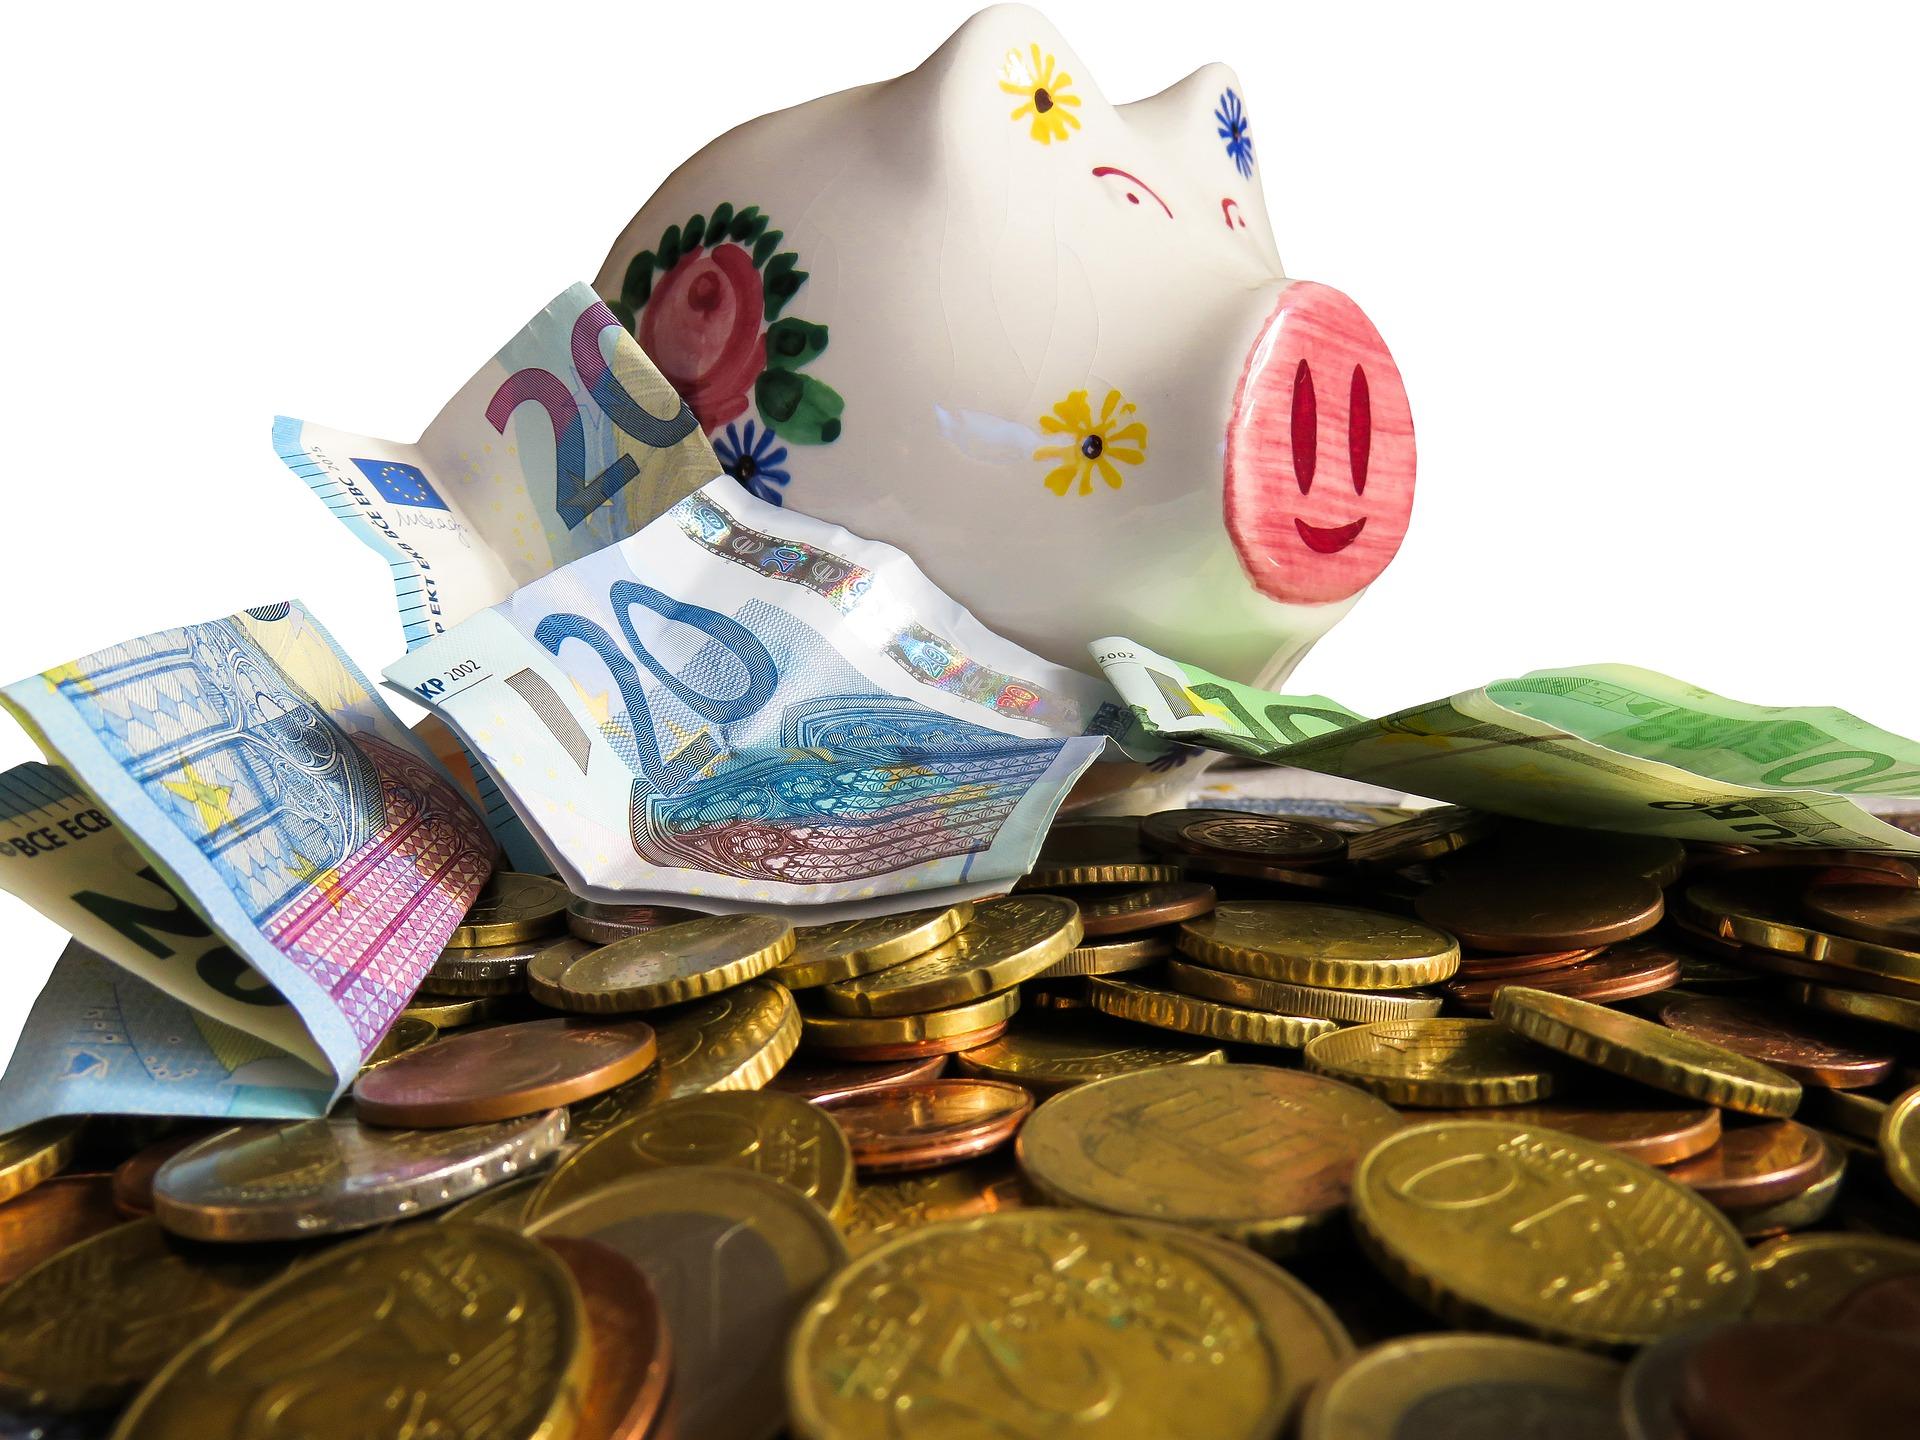 Mécénat : les entreprises françaises auraient donné 3 milliards d'euros en 2017